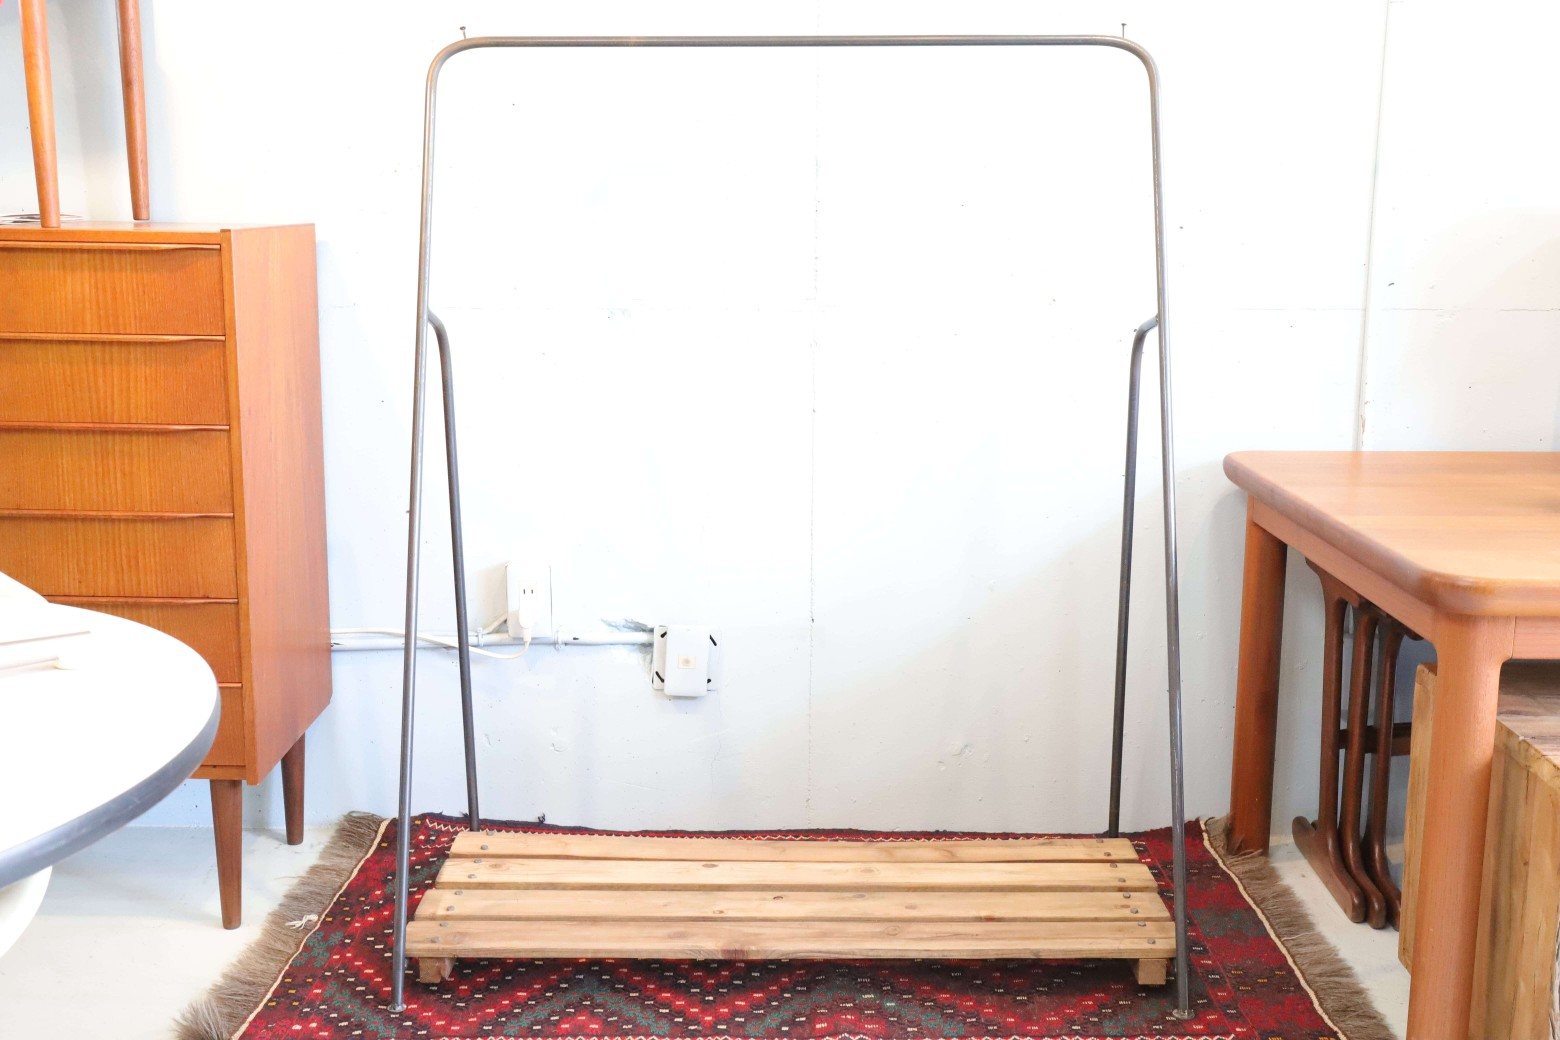 アイアンハンガーラック / Iron Hanger Rack